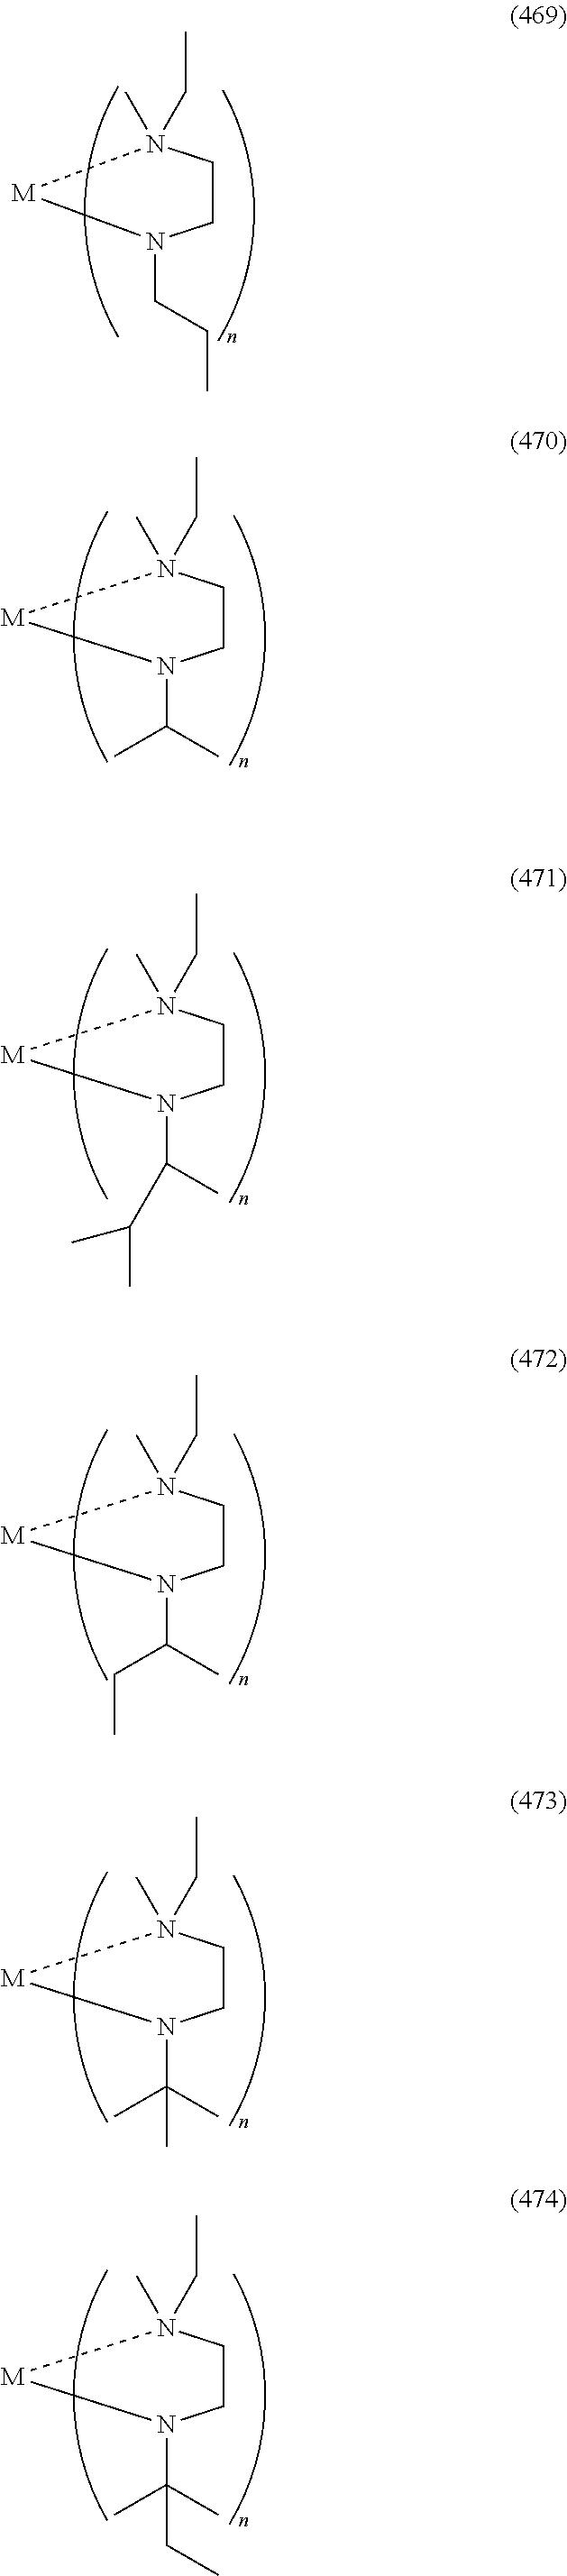 Figure US08871304-20141028-C00087